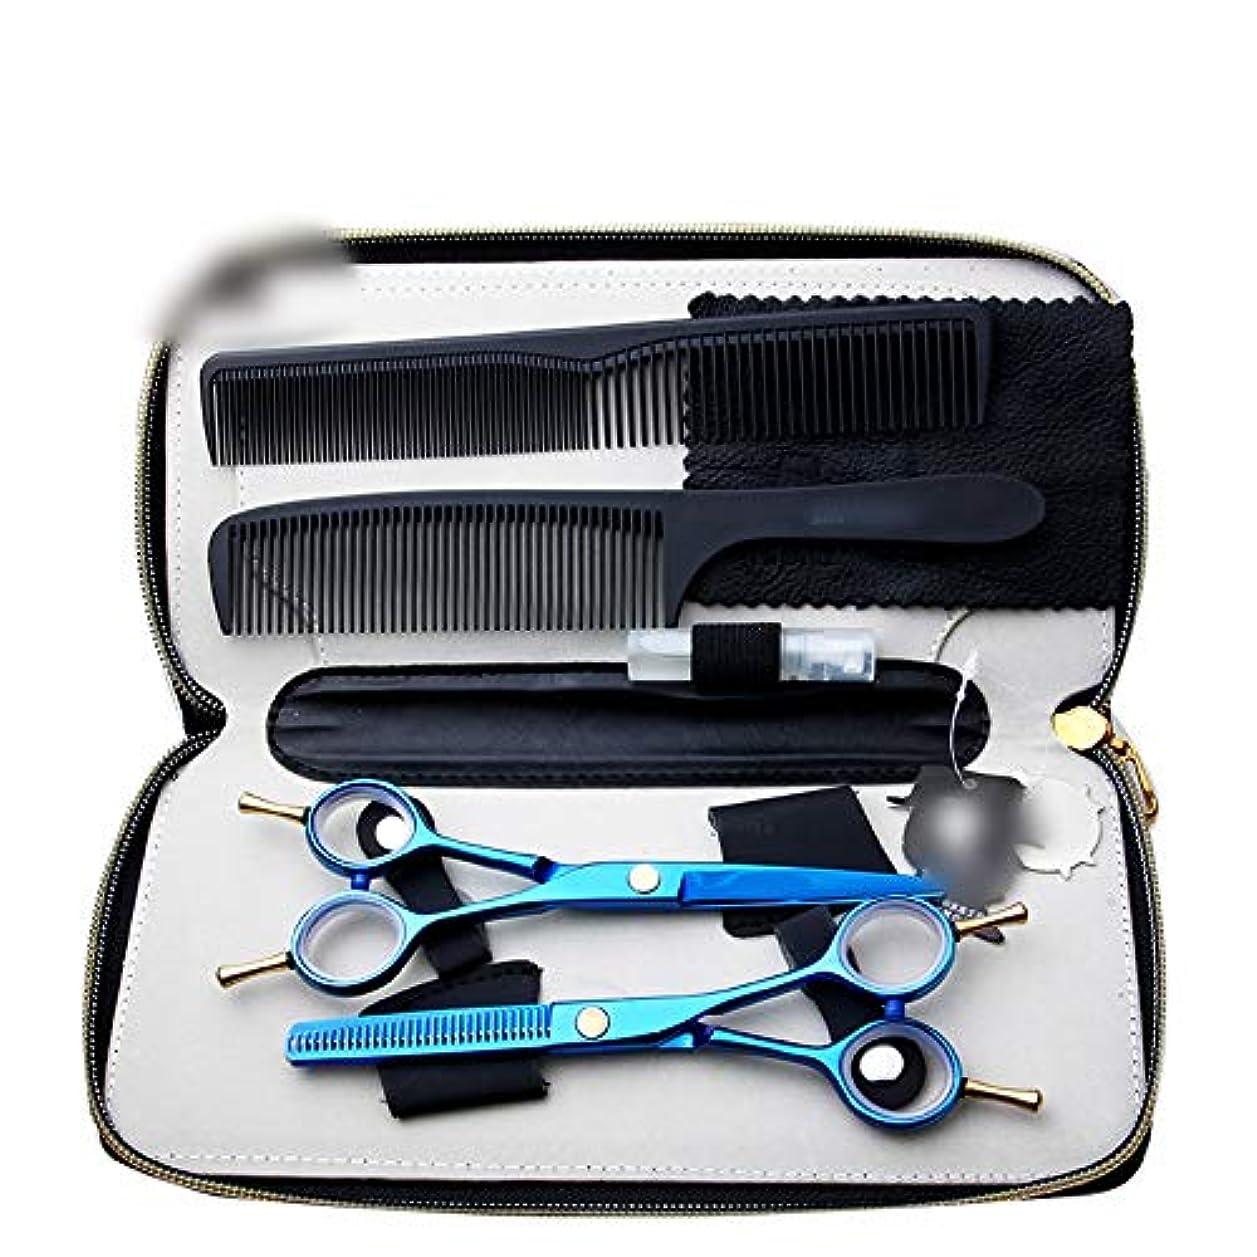 ライド一定円形Hairdressing 6インチの青色のダブルチップはさみ、細い歯はさみ+フラットストレートはさみセットヘアカットはさみステンレス理髪はさみ (色 : 青)